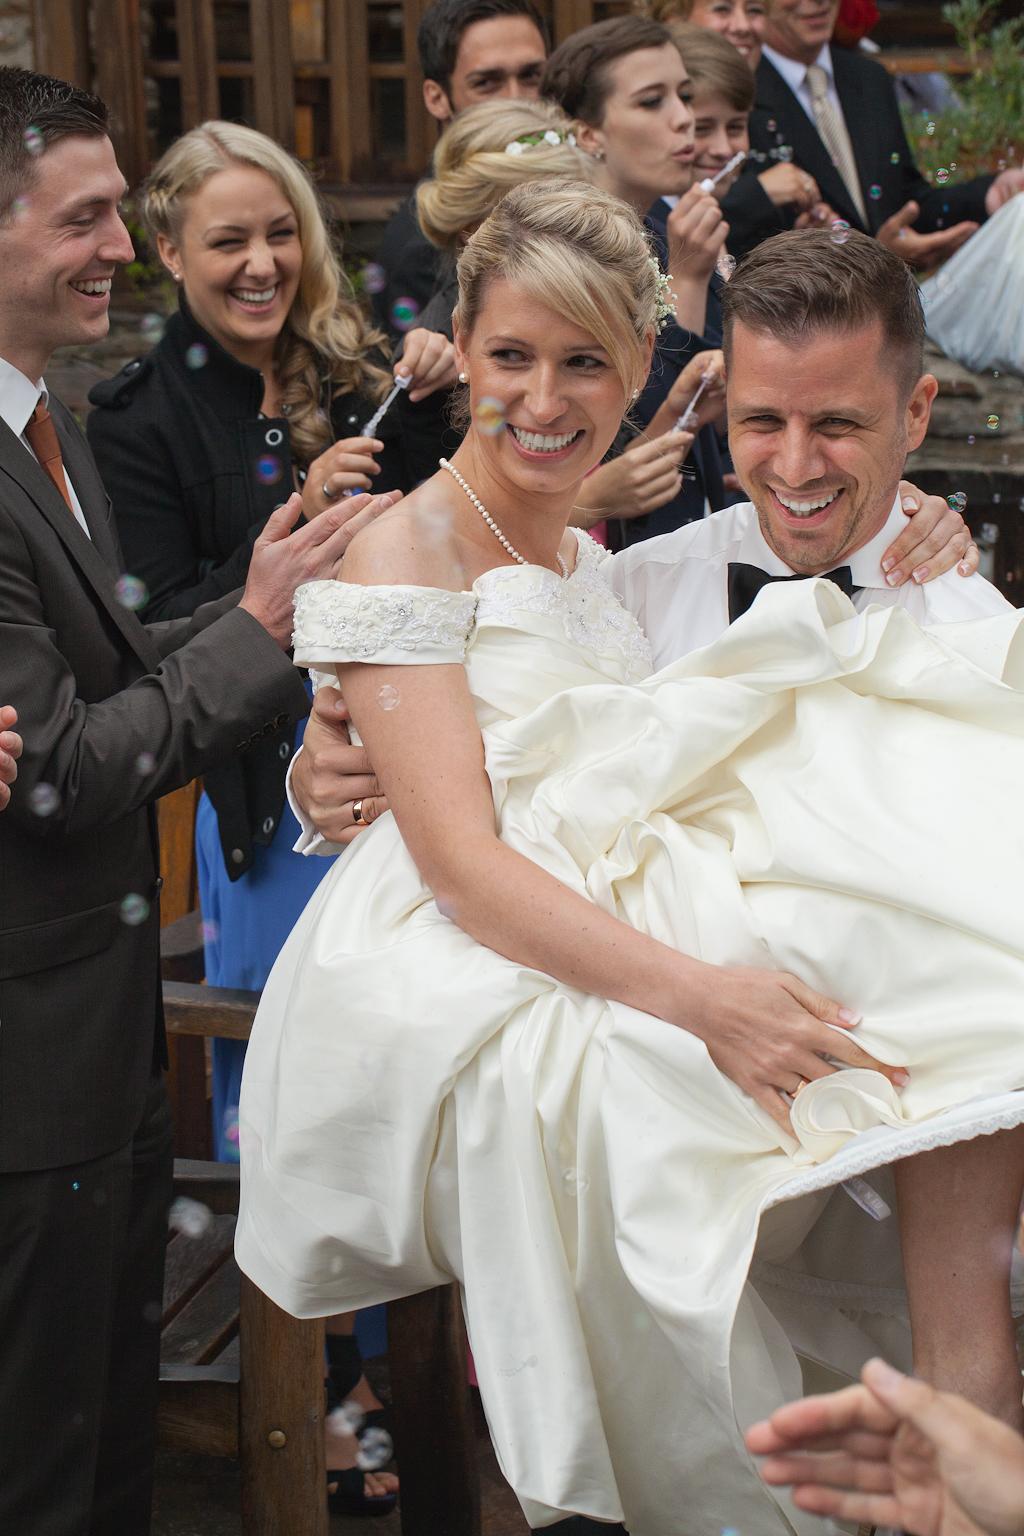 Hochzeit_150814_4955